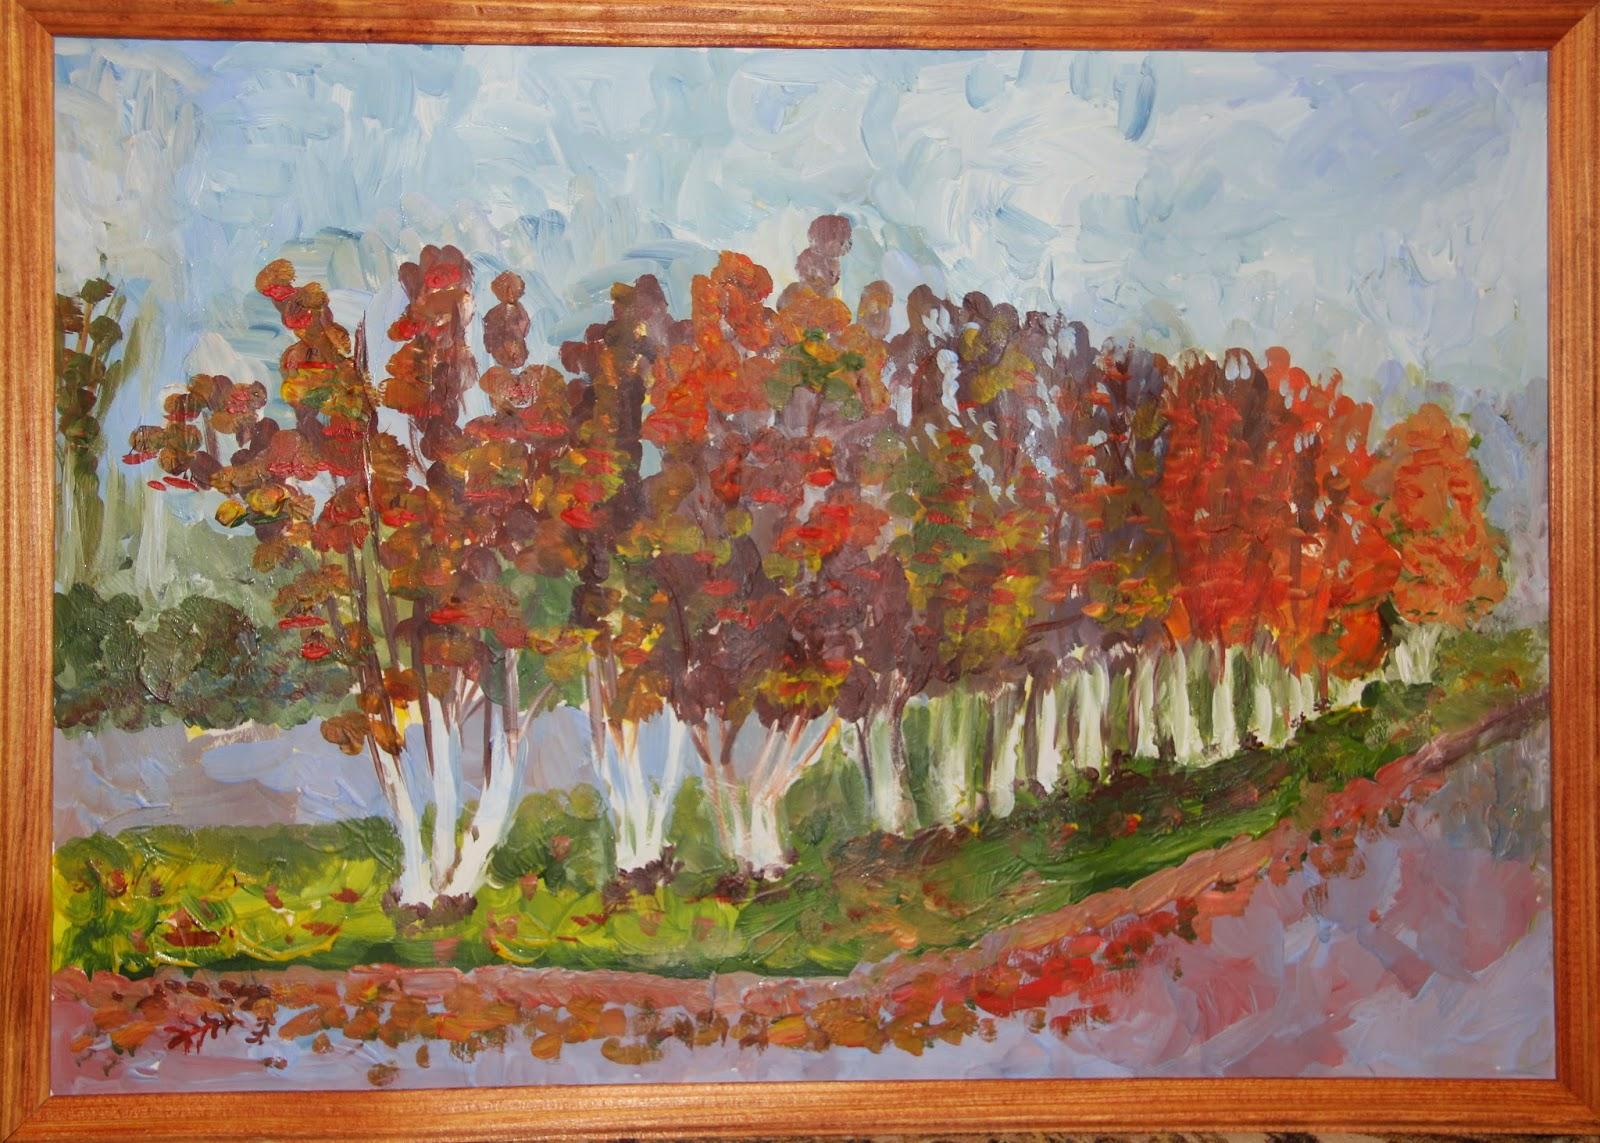 гуашь, осень, рябины, детский рисунок